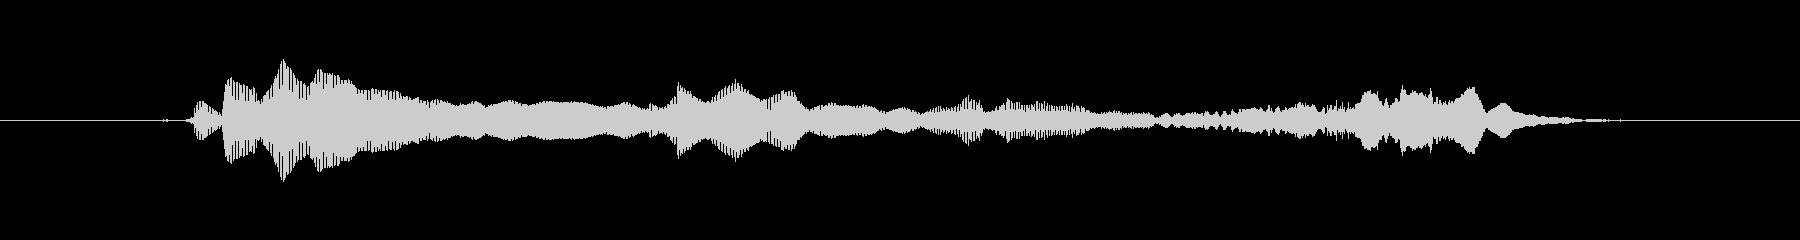 (おばけの話し声)の未再生の波形